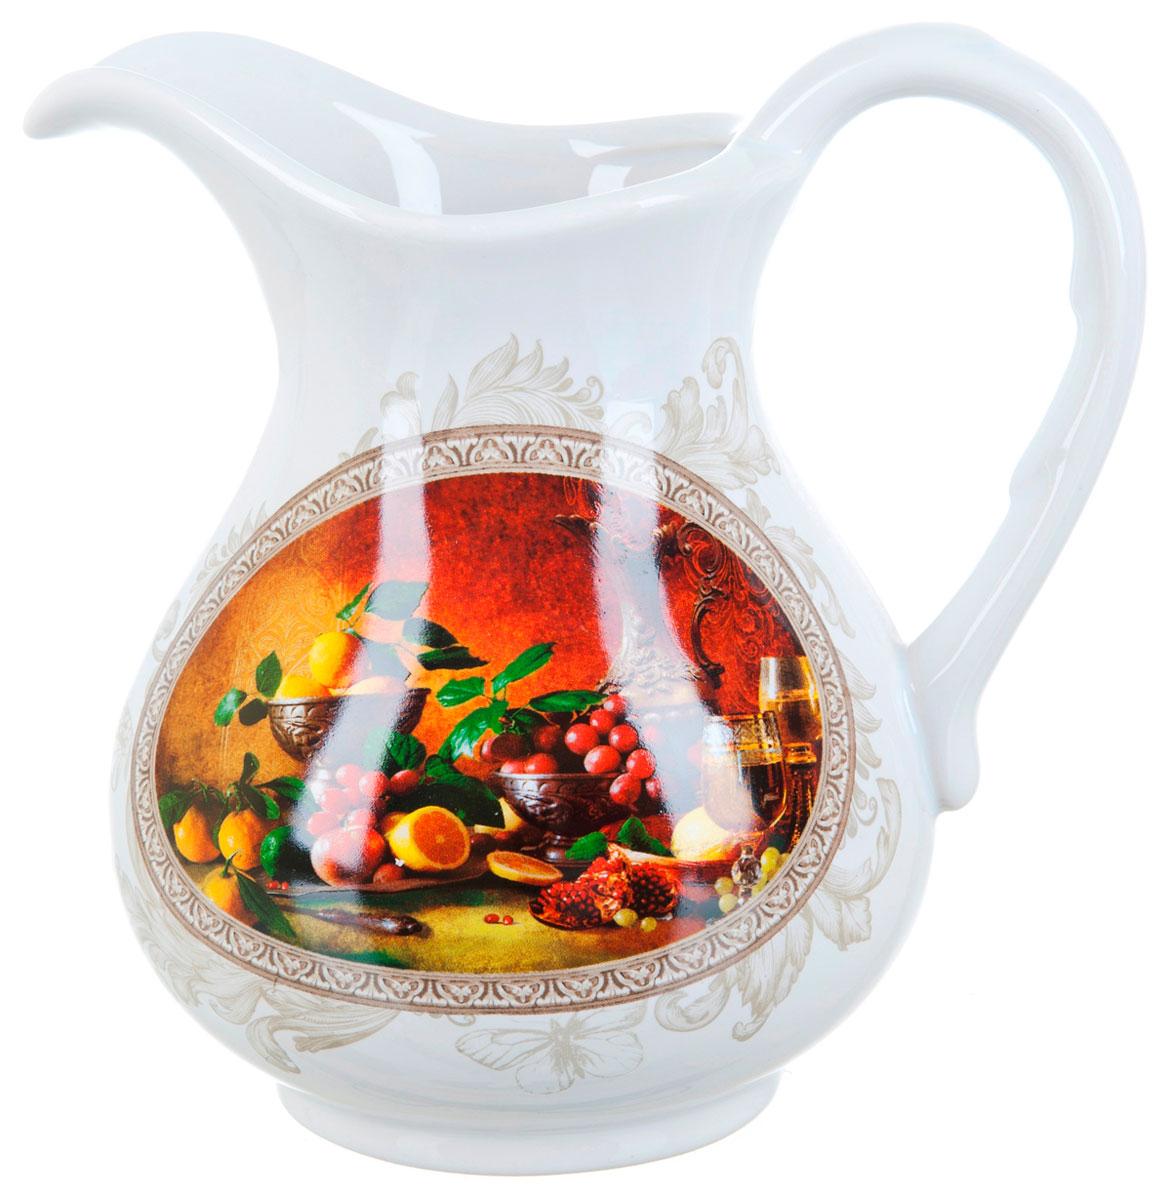 Кувшин ENS Group Севилья, 1,3 лL2520Кувшин Севилья изготовлен из высококачественной керамики с изящным рисунком. Кувшин оснащен удобной ручкой. Прекрасно подходит для подачи воды, сока, компота и других напитков. Изящный кувшин красиво оформит стол и порадует вас элегантным дизайном и простотой ухода.